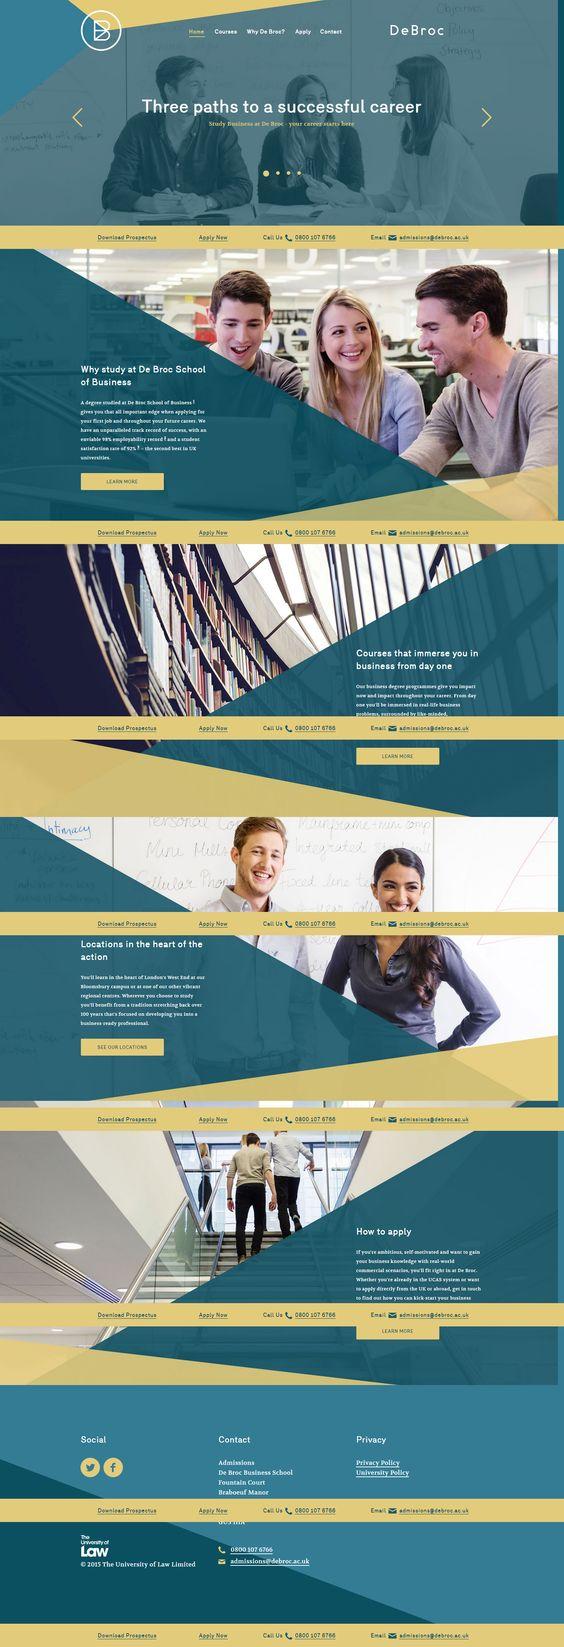 サイト名:De Broc Business School 投稿者名:まっつん サイトに活かせそうなところ:ヘッダーとメインビジュアルが一体になってる 半透明の使い方 大きい写真の使い方 色使い